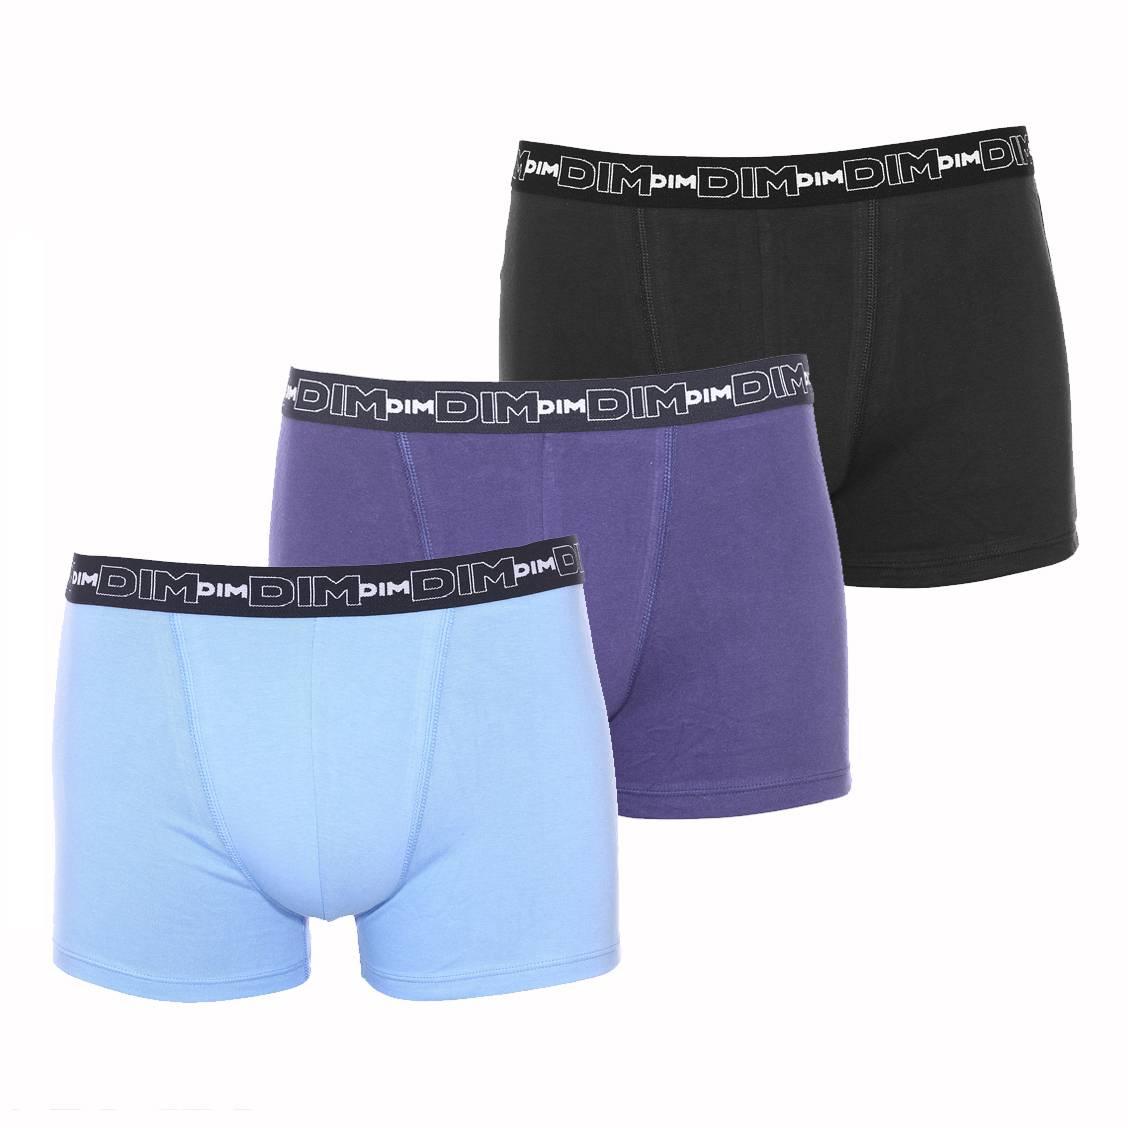 Ceinture · Lot de 3 boxers Dim en coton stretch bleu nuit, bleu pastel et  noir a27380cb298